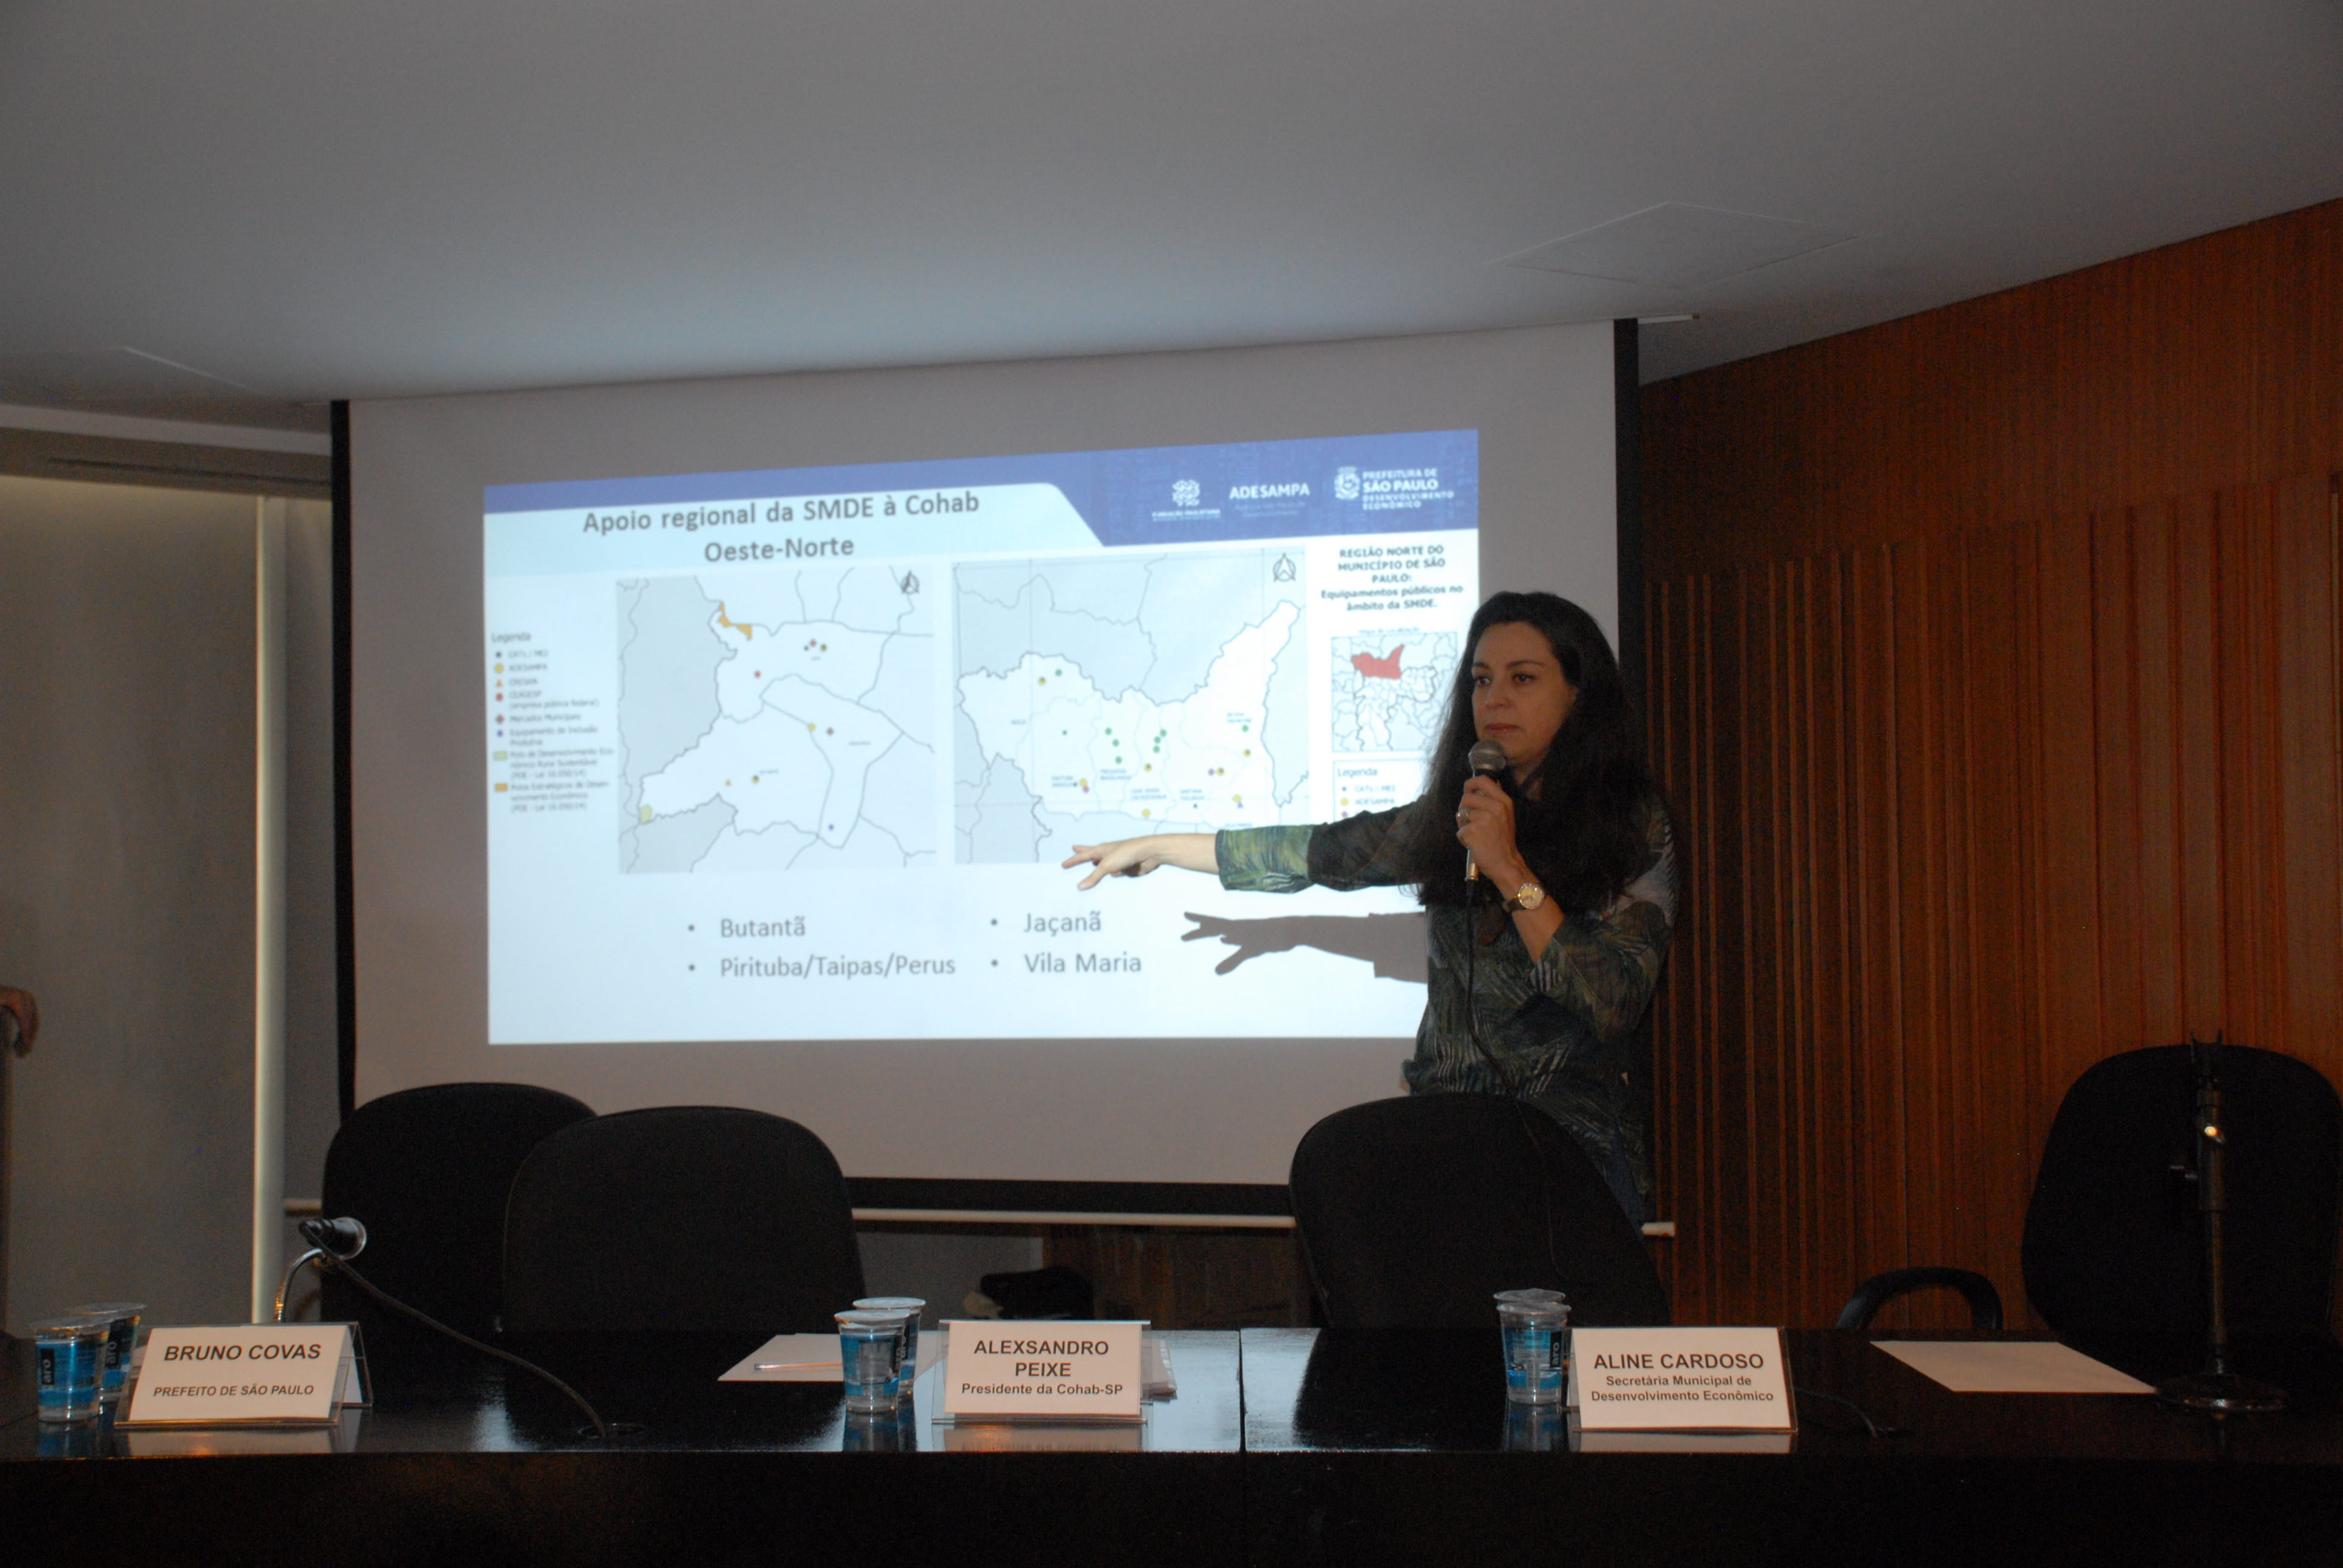 Foto com a Secretária Municipal de Habitação Aline Cardoso realizando sua apresentação apontando para um mapa na tela de projeção